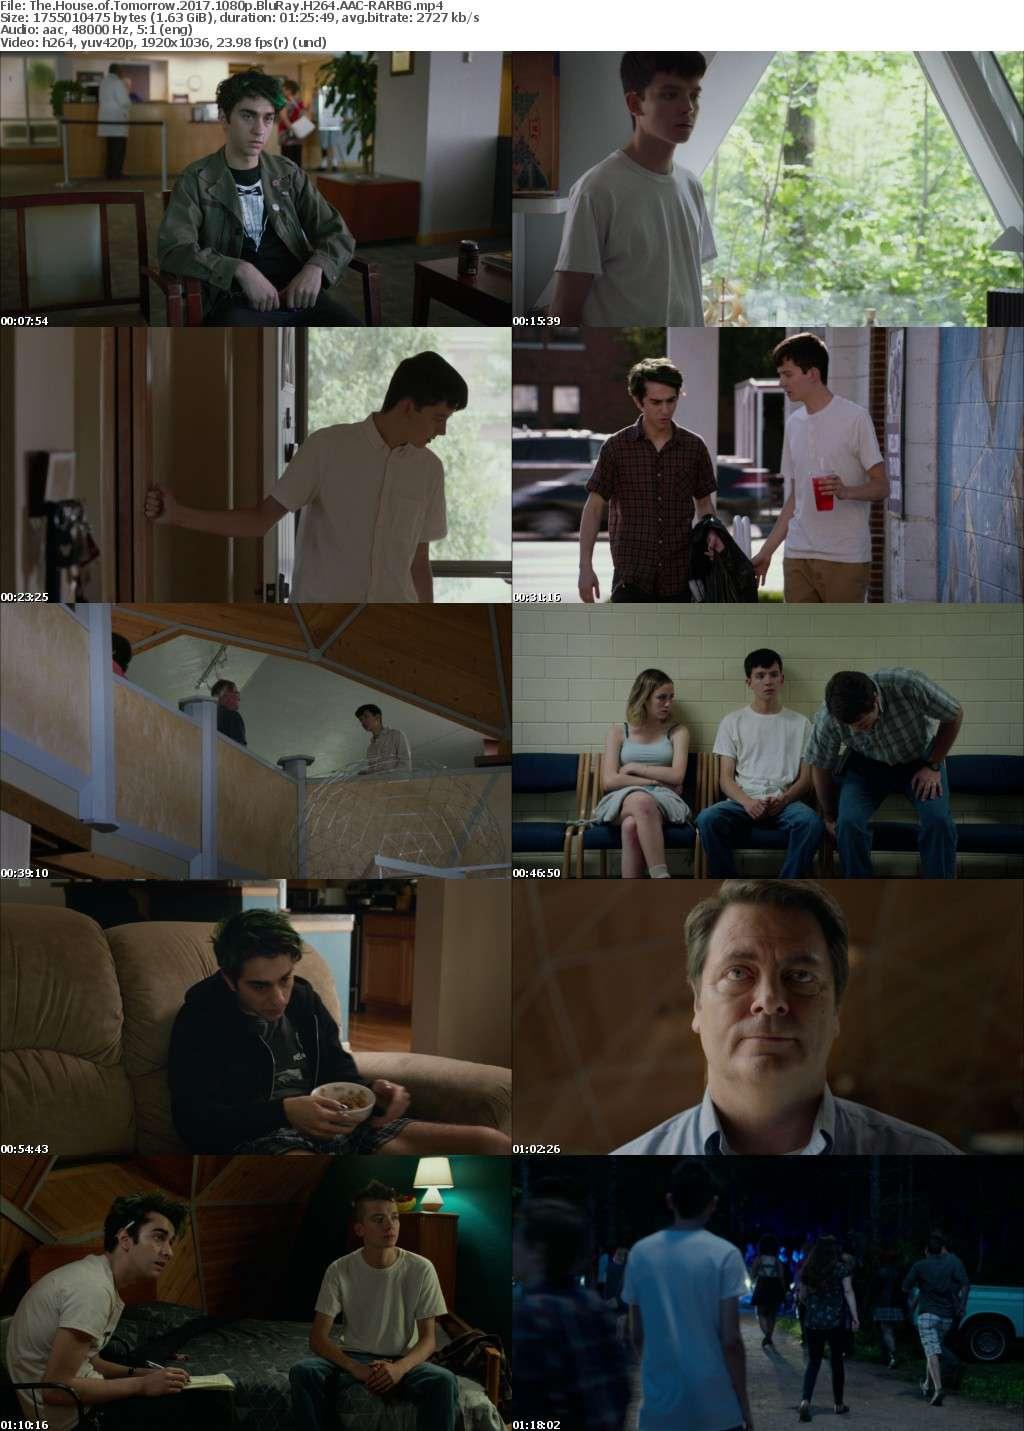 The House of Tomorrow 2017 1080p BluRay H264 AAC-RARBG